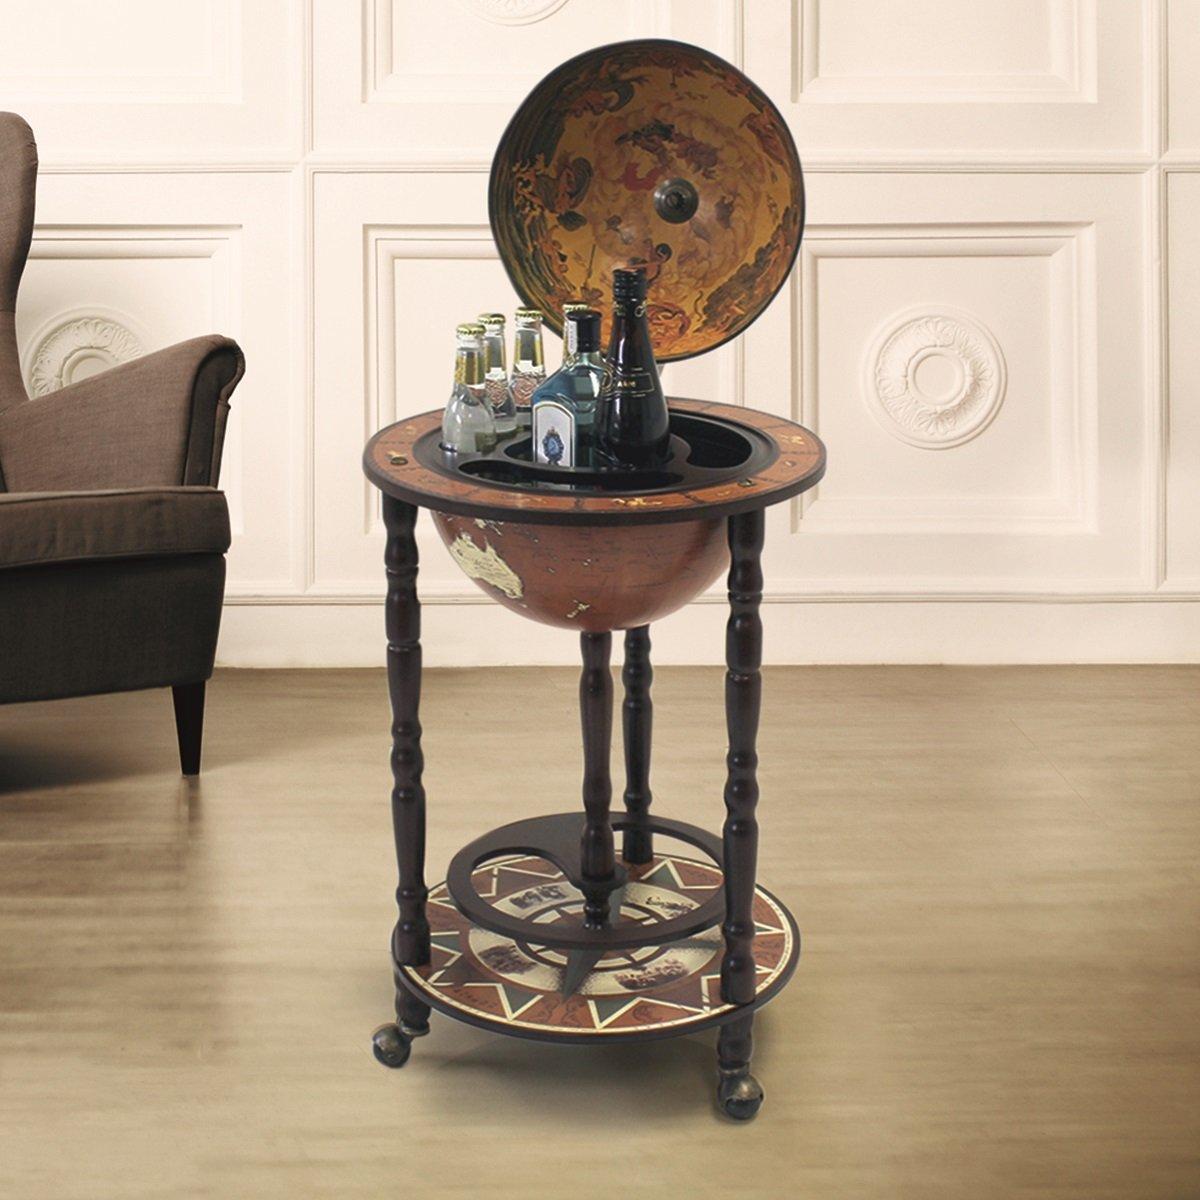 Mueble bar en forma de globo terráqueo. Mini bar con ruedas, diseño retro, para alcoholes y licores, madera, Small diseño retro Deals Online